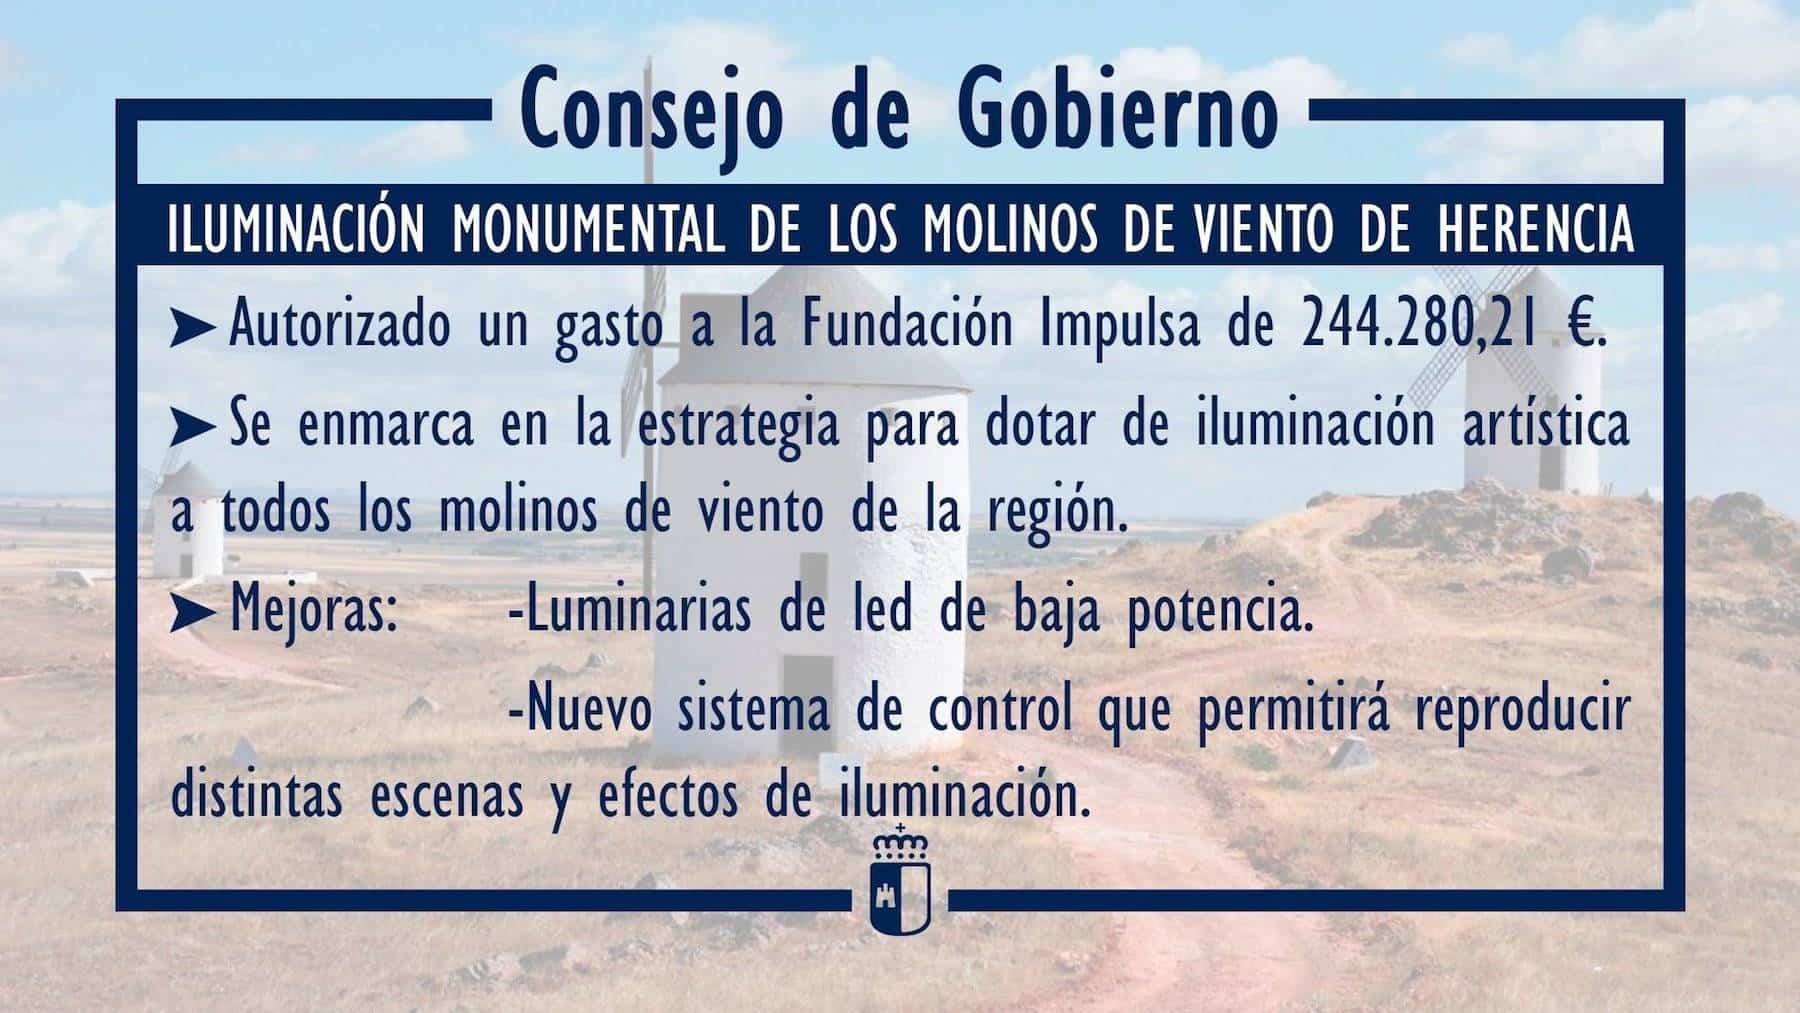 iluminacion monumental molinos de viento herencia - Los Molinos de viento de Herencia volverán a iluminarse años después